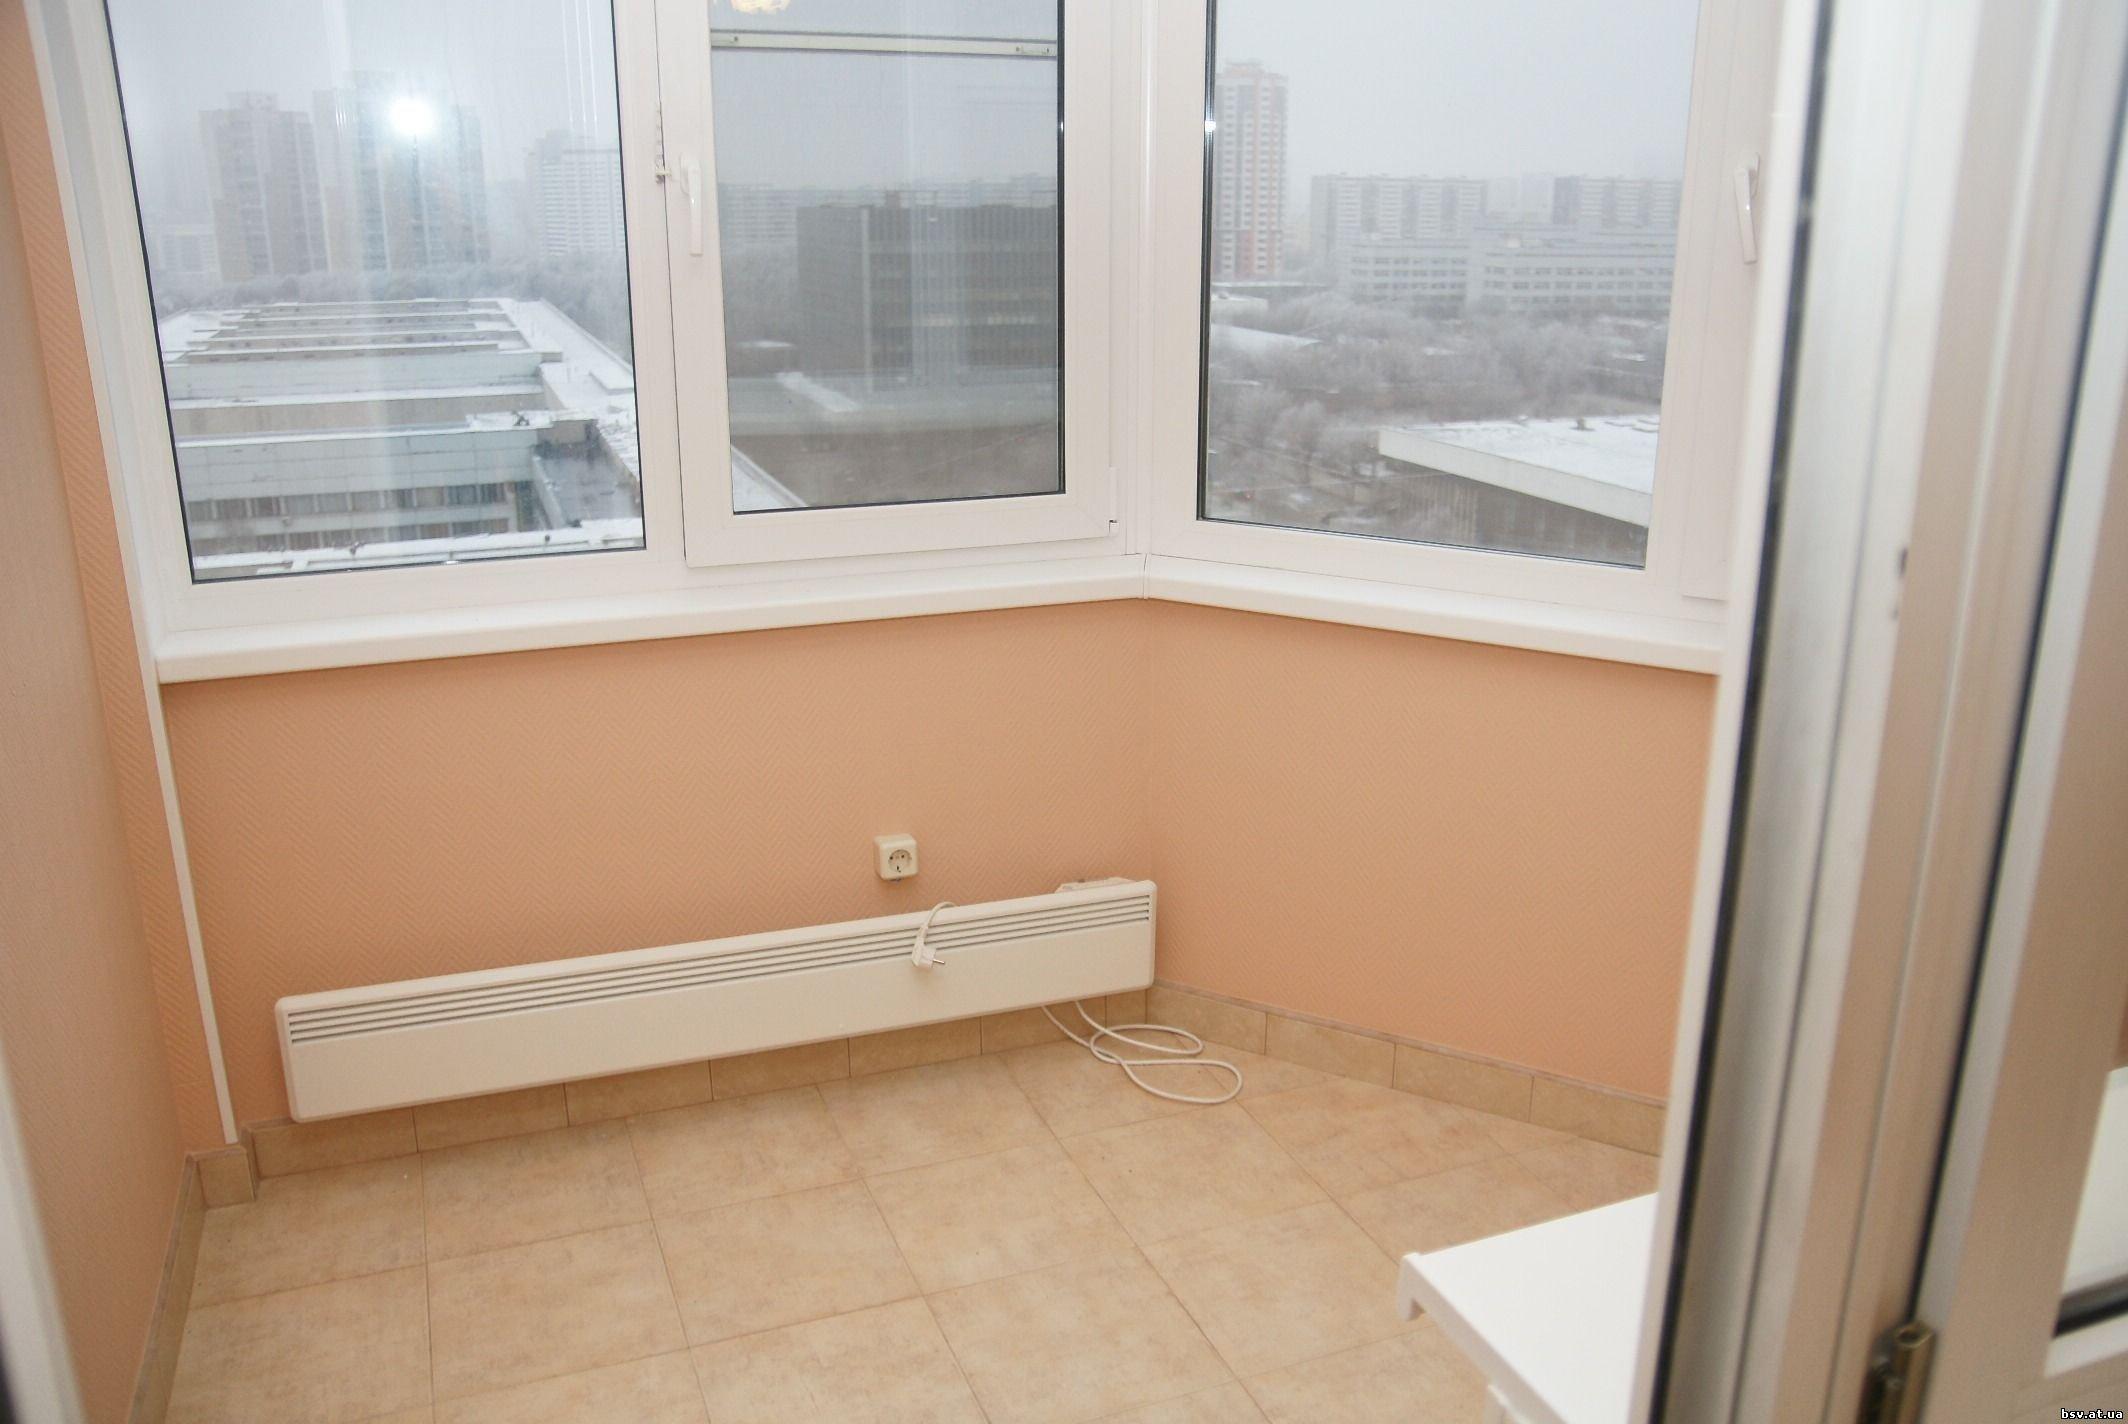 Обшивка балконов и лоджий гипсокартоном фото, видео, цены.